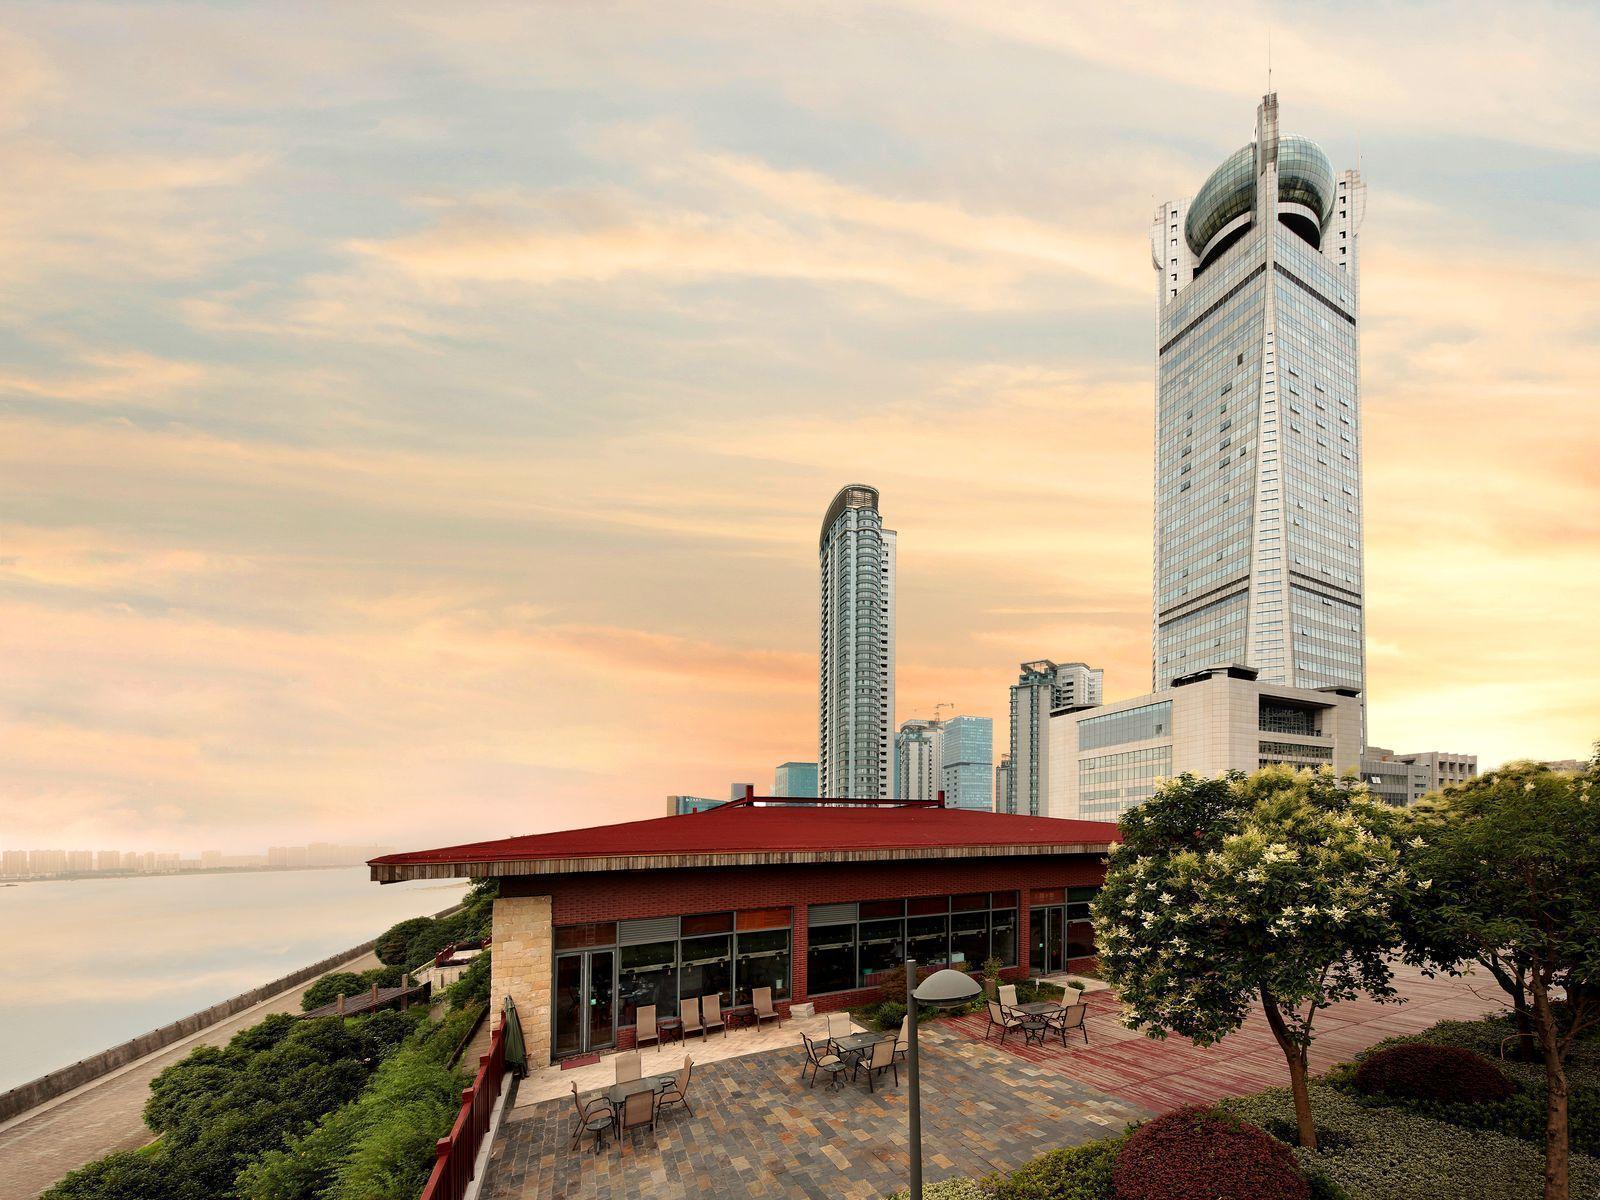 Tian Yuan Tower